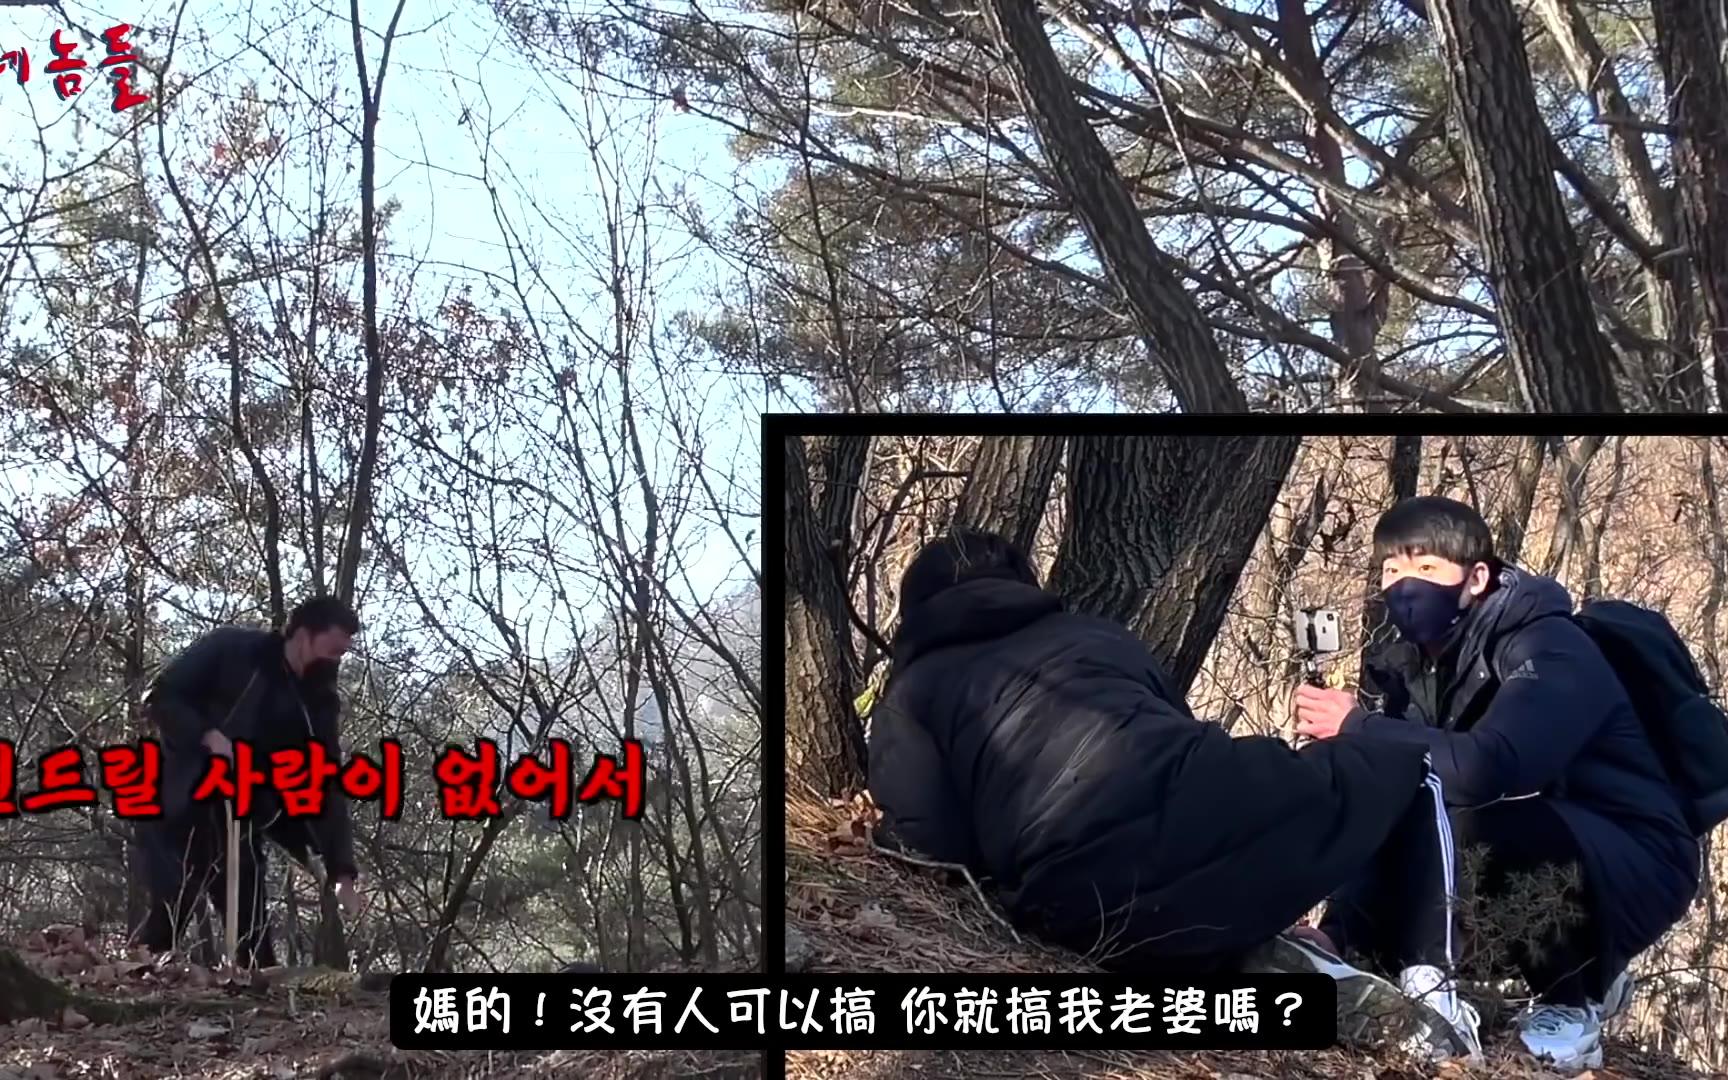 【搞笑隐藏摄影机】把无知路人骗进小树林撞见黑帮在办事,要被吓死了